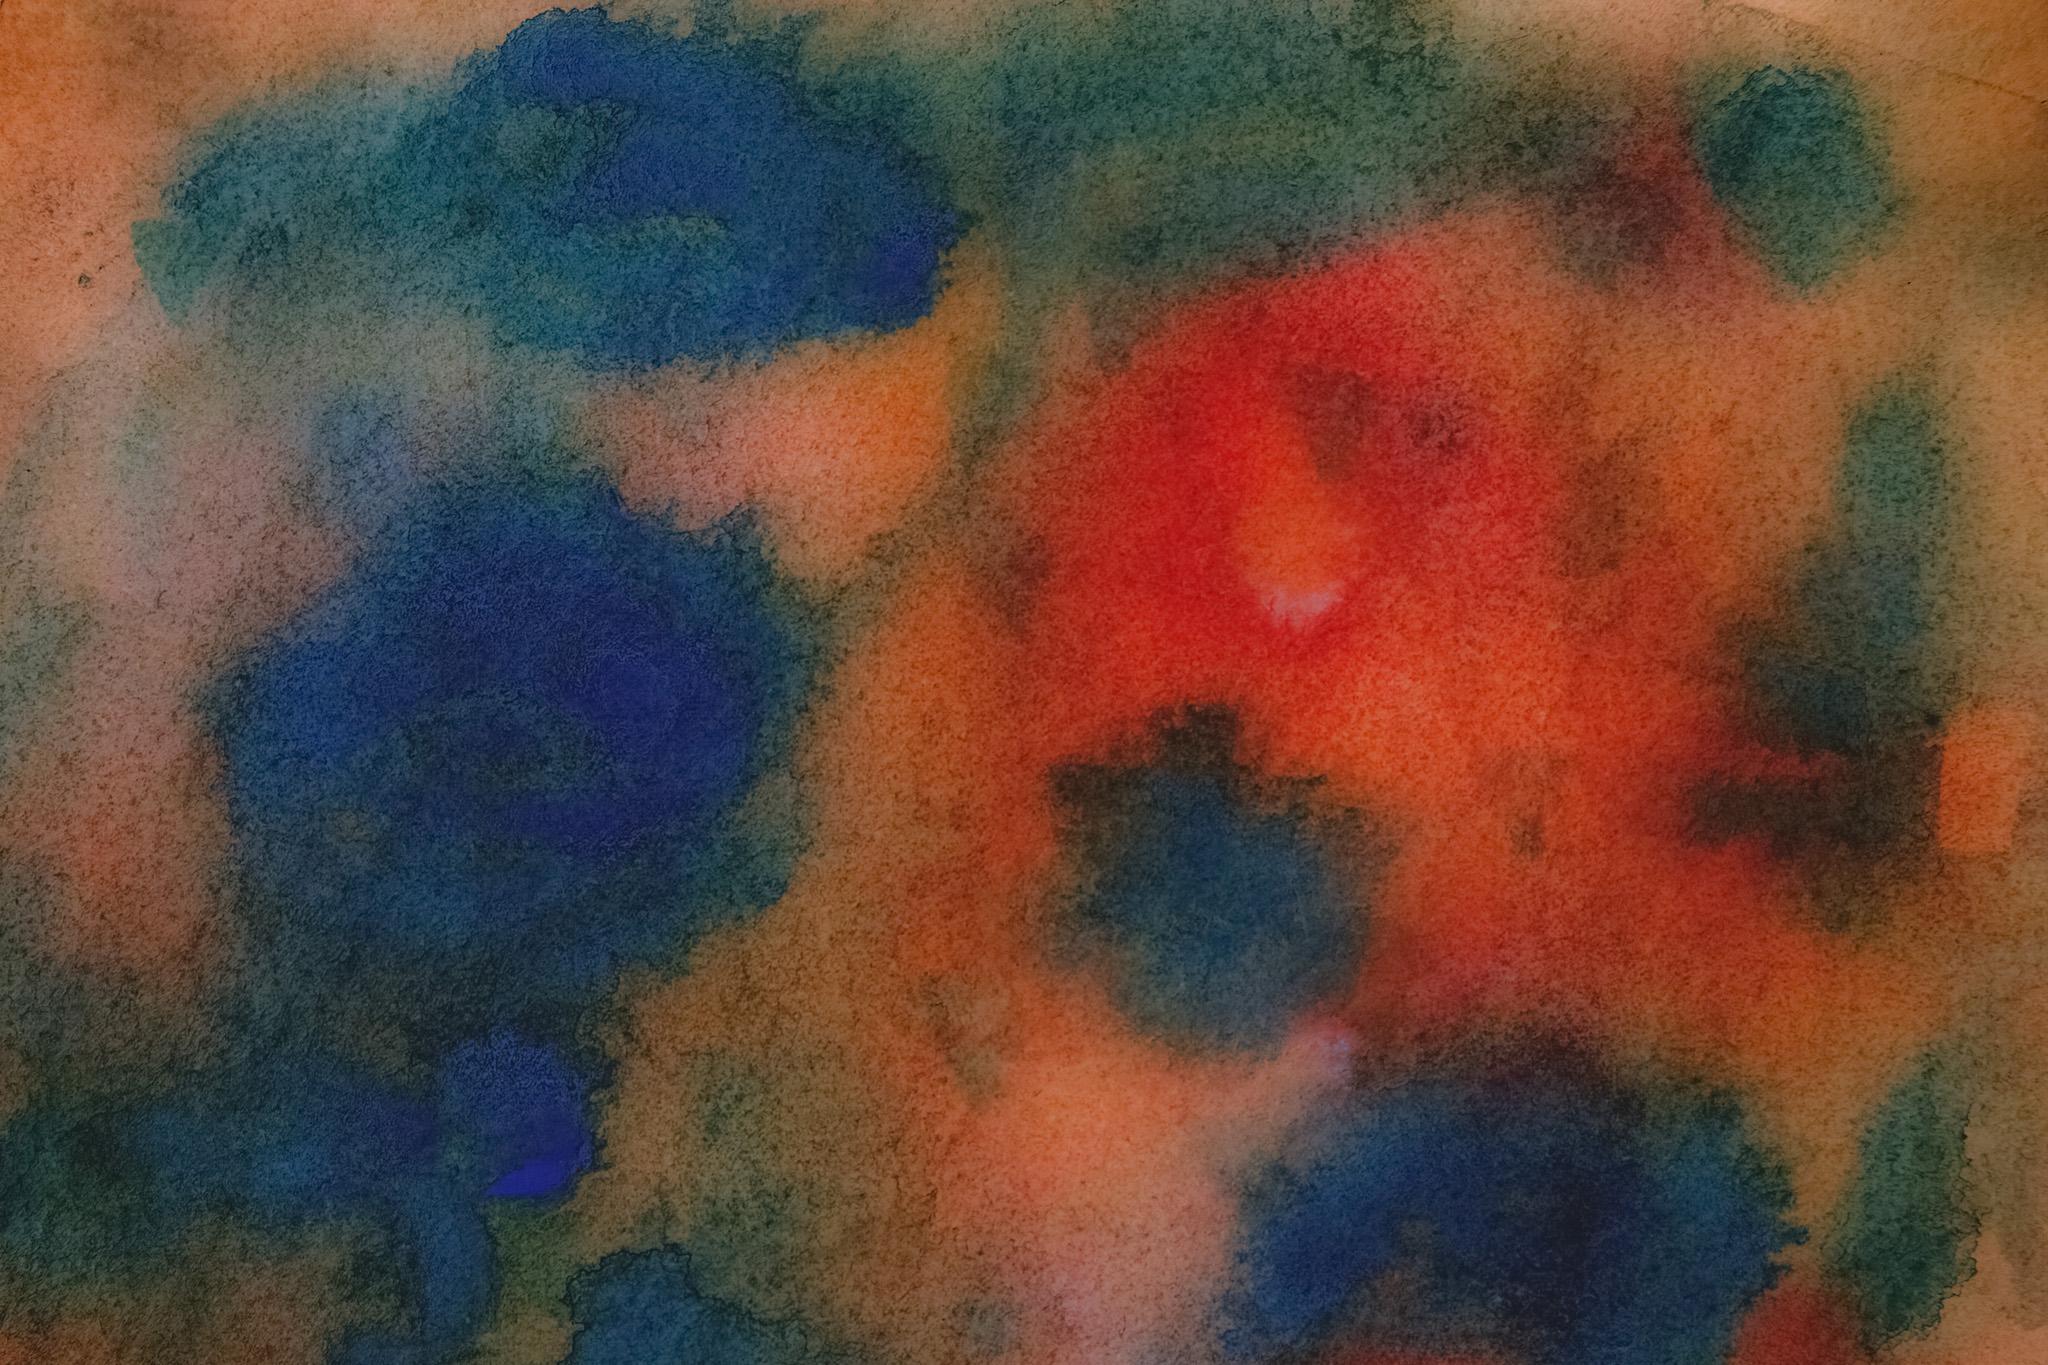 「滲んで暈ける青と赤の水彩薄塗り」